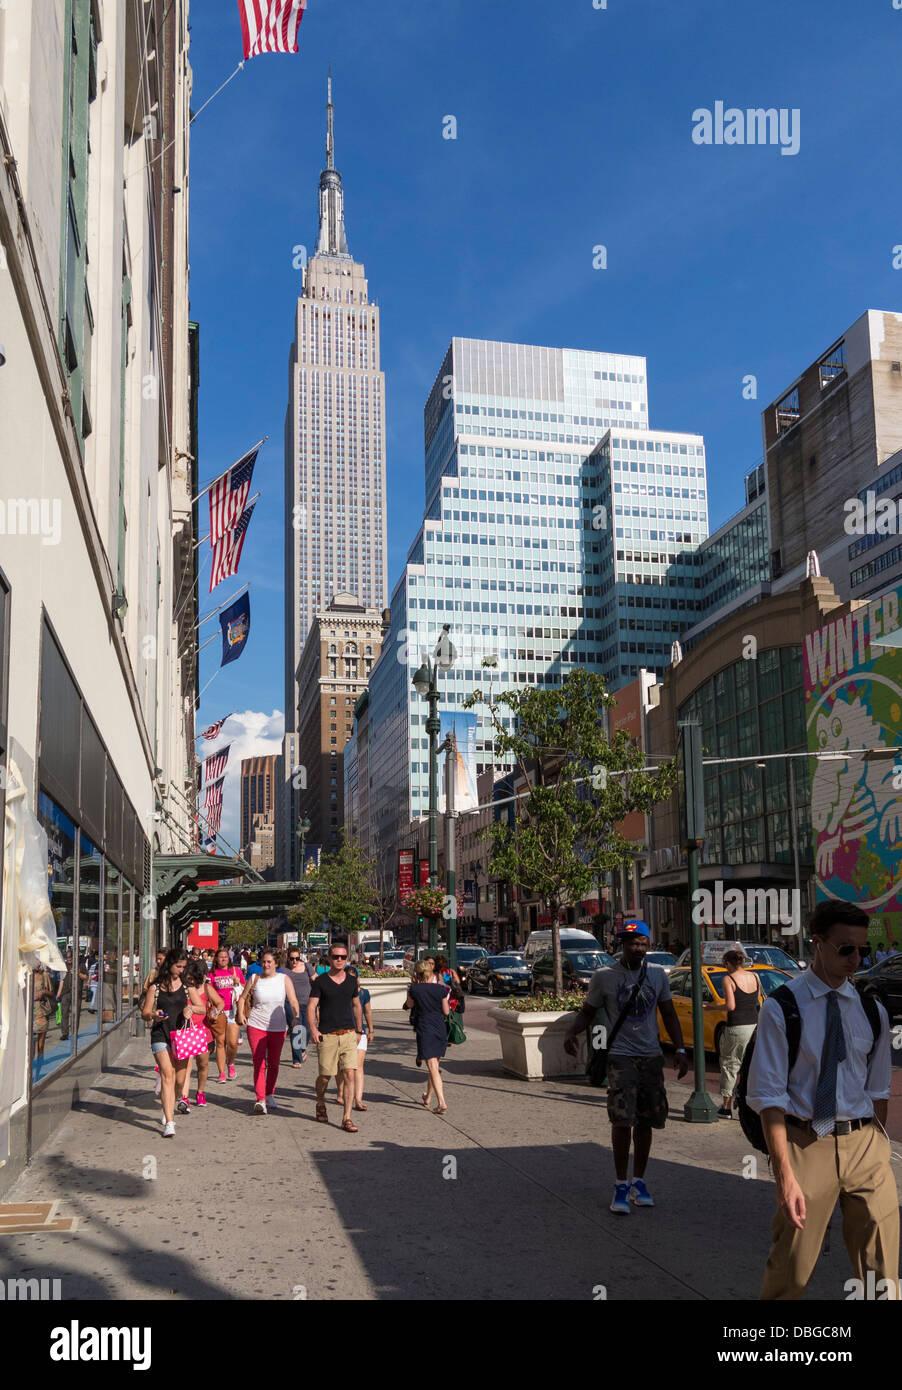 New York Street - New-yorkais sur le trottoir avec l'Empire State Building en arrière-plan, Manhattan, New York City en été Banque D'Images